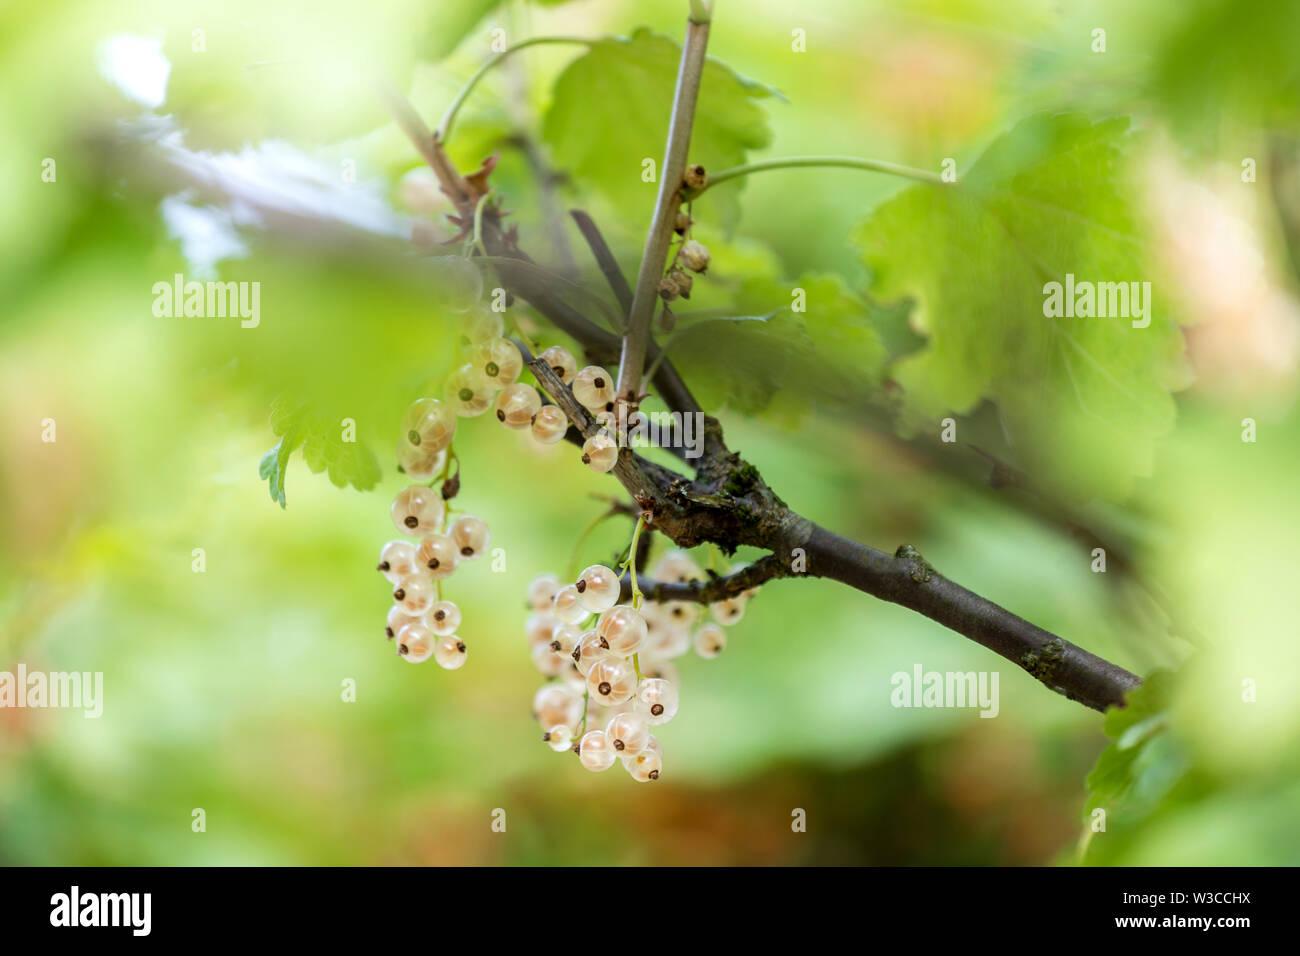 Groseilles blanches jardin contexte Photo Stock